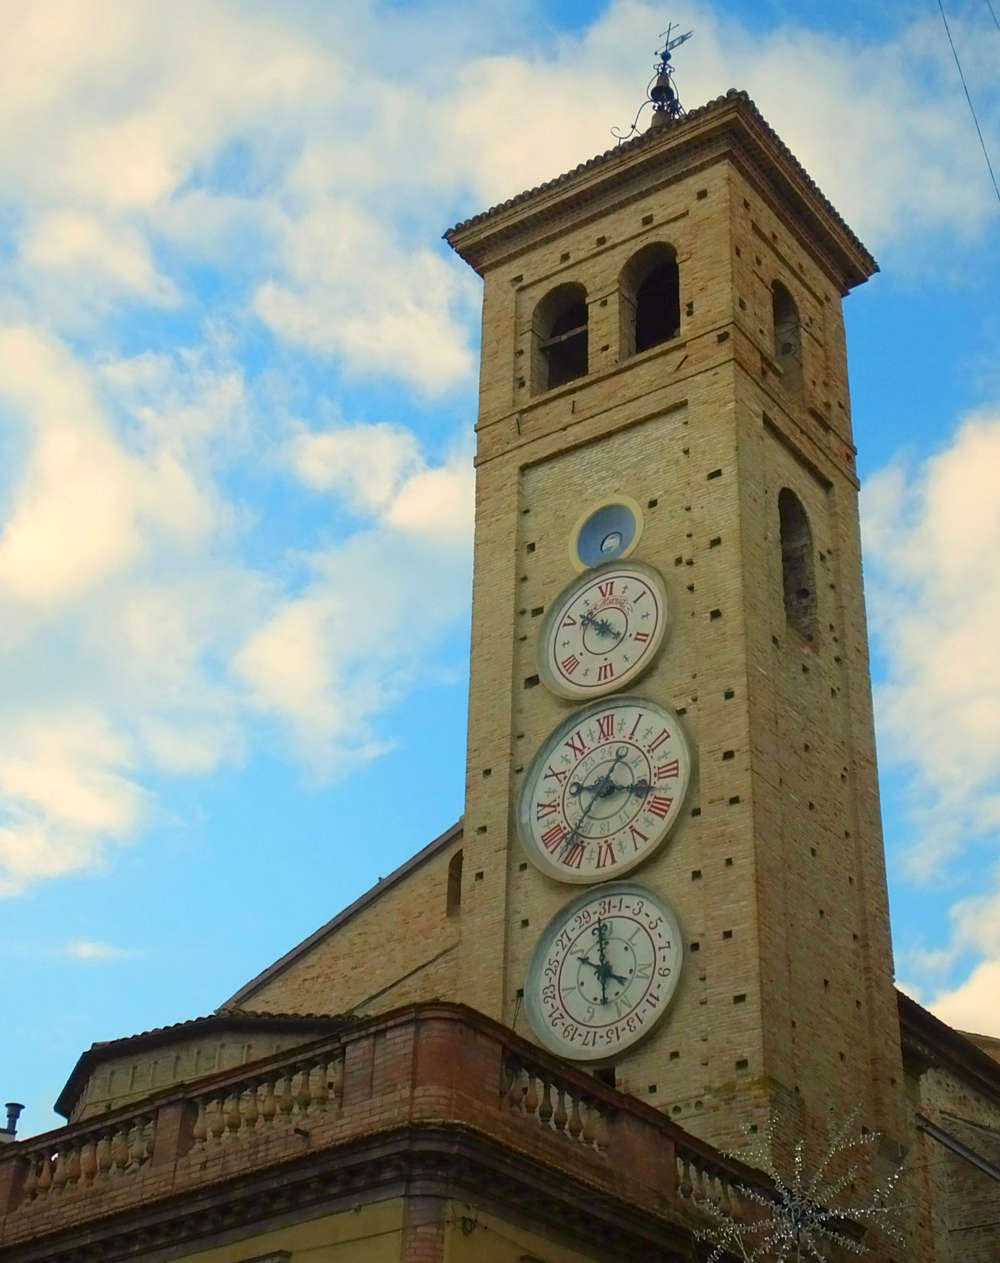 Les cadrans du clocher de l'eglise de Tolentini - Italie Dscf9610